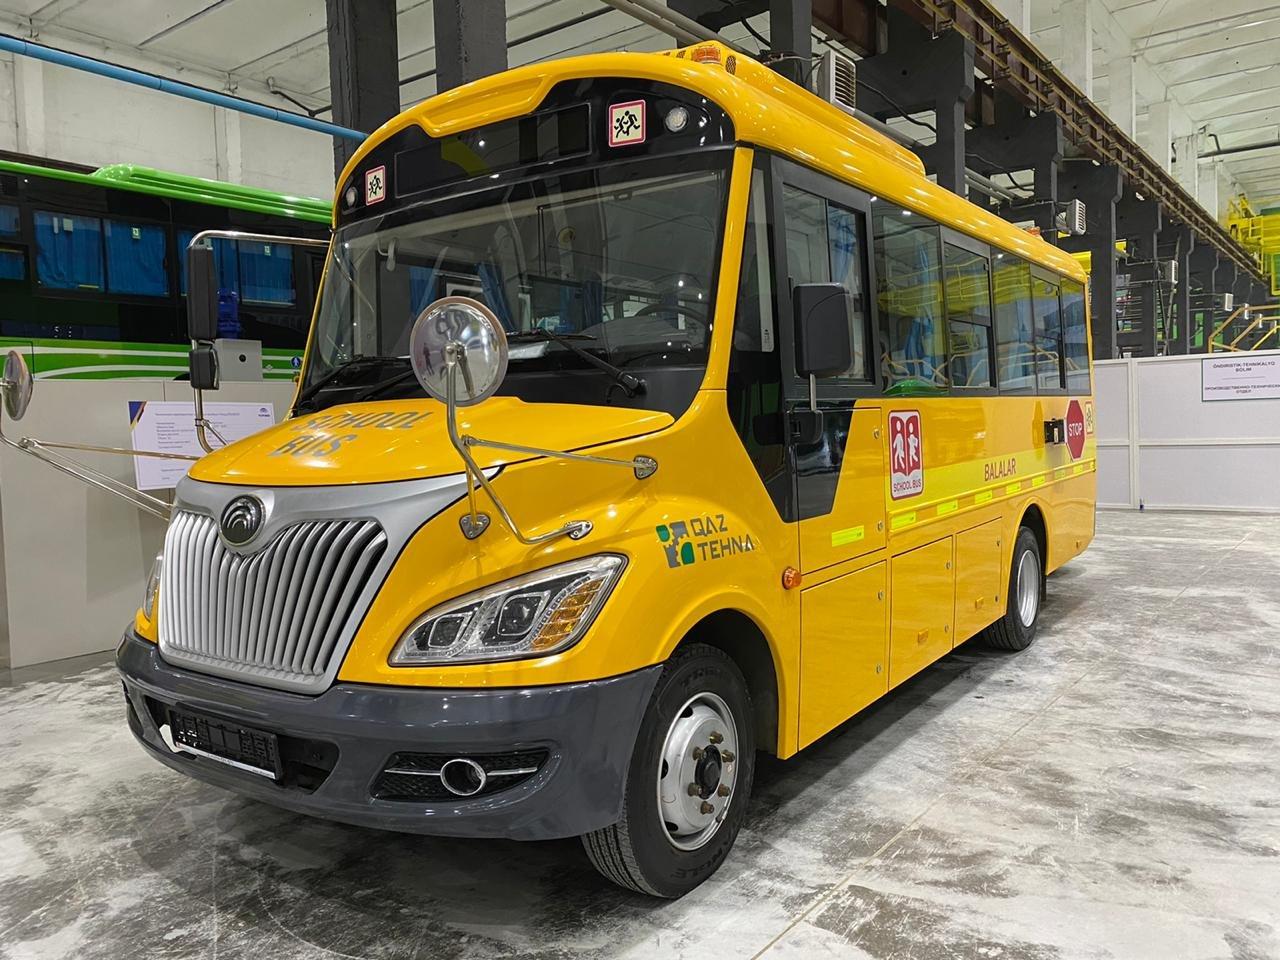 Школьный автобус - подарок президента школе-гимназии, фото пресс-службы акимата Карагандинской области